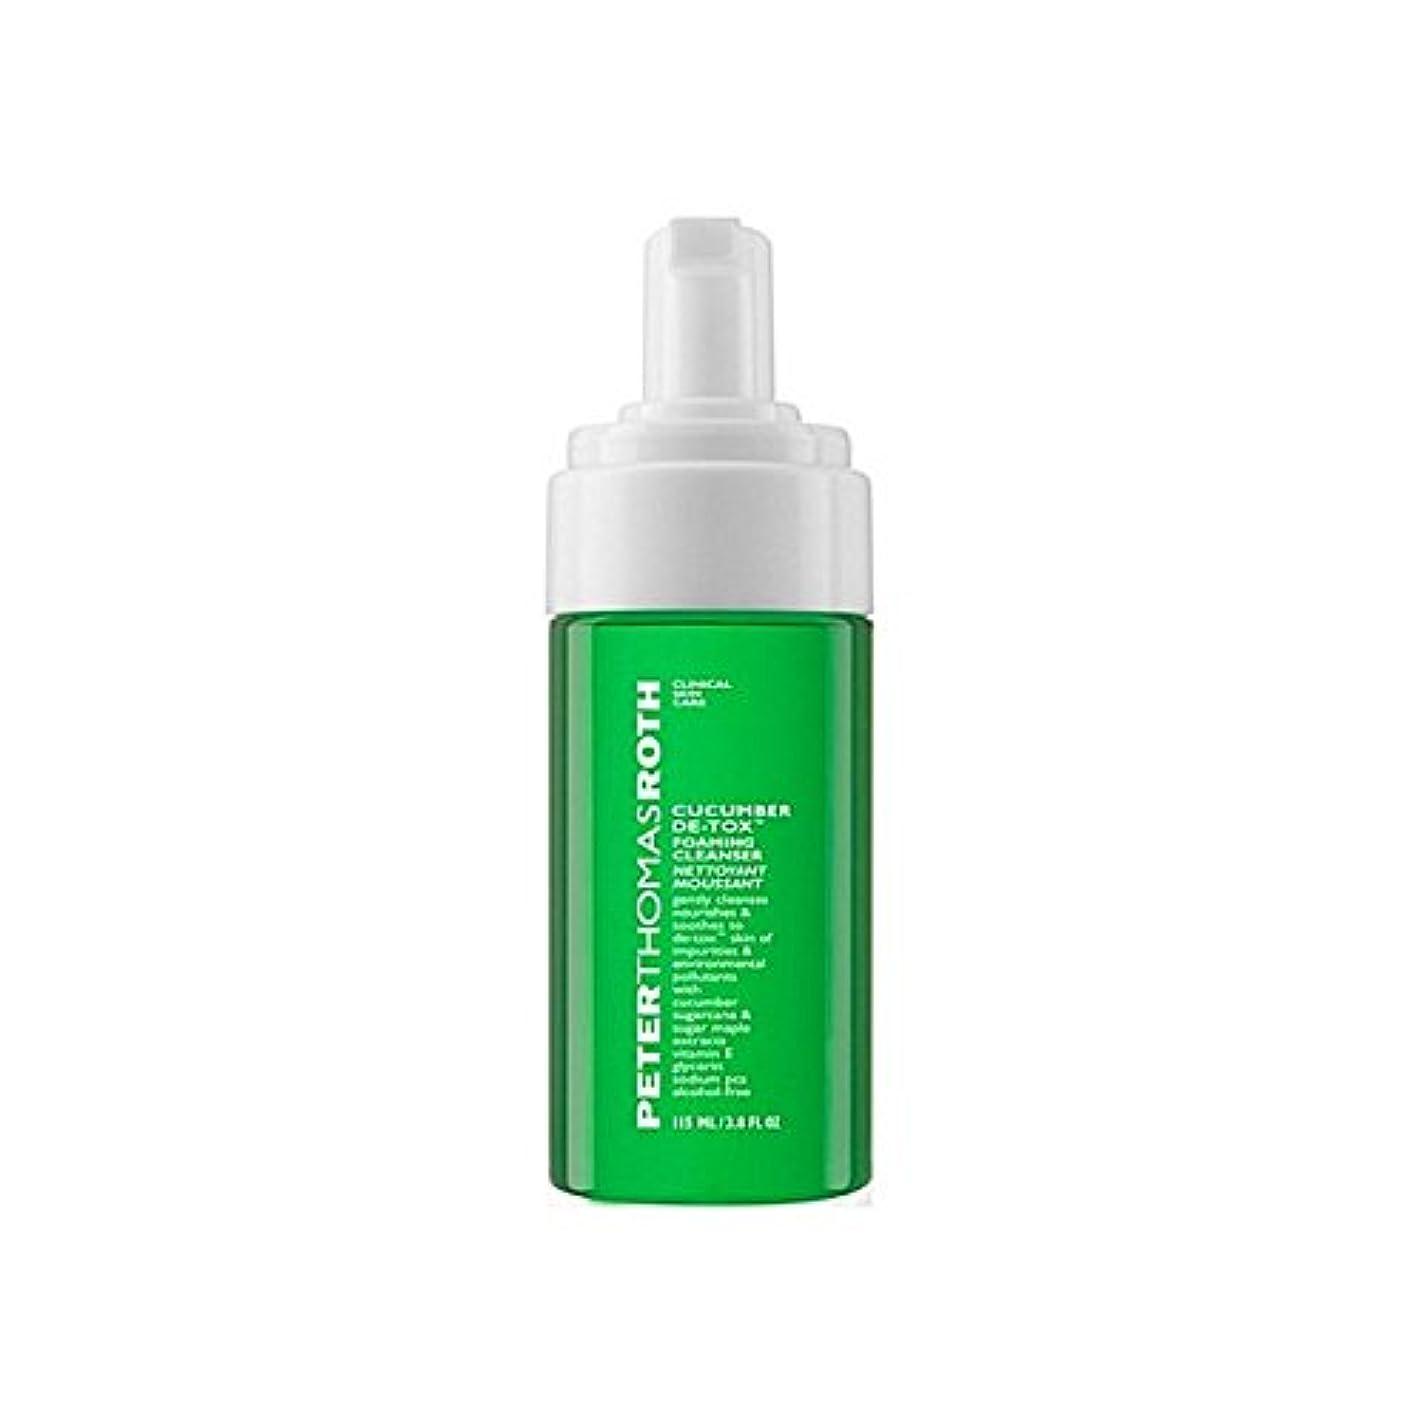 リード静かに最近ピータートーマスロスキュウリデ発泡クレンザー x2 - Peter Thomas Roth Cucumber De-Tox Foaming Cleanser (Pack of 2) [並行輸入品]